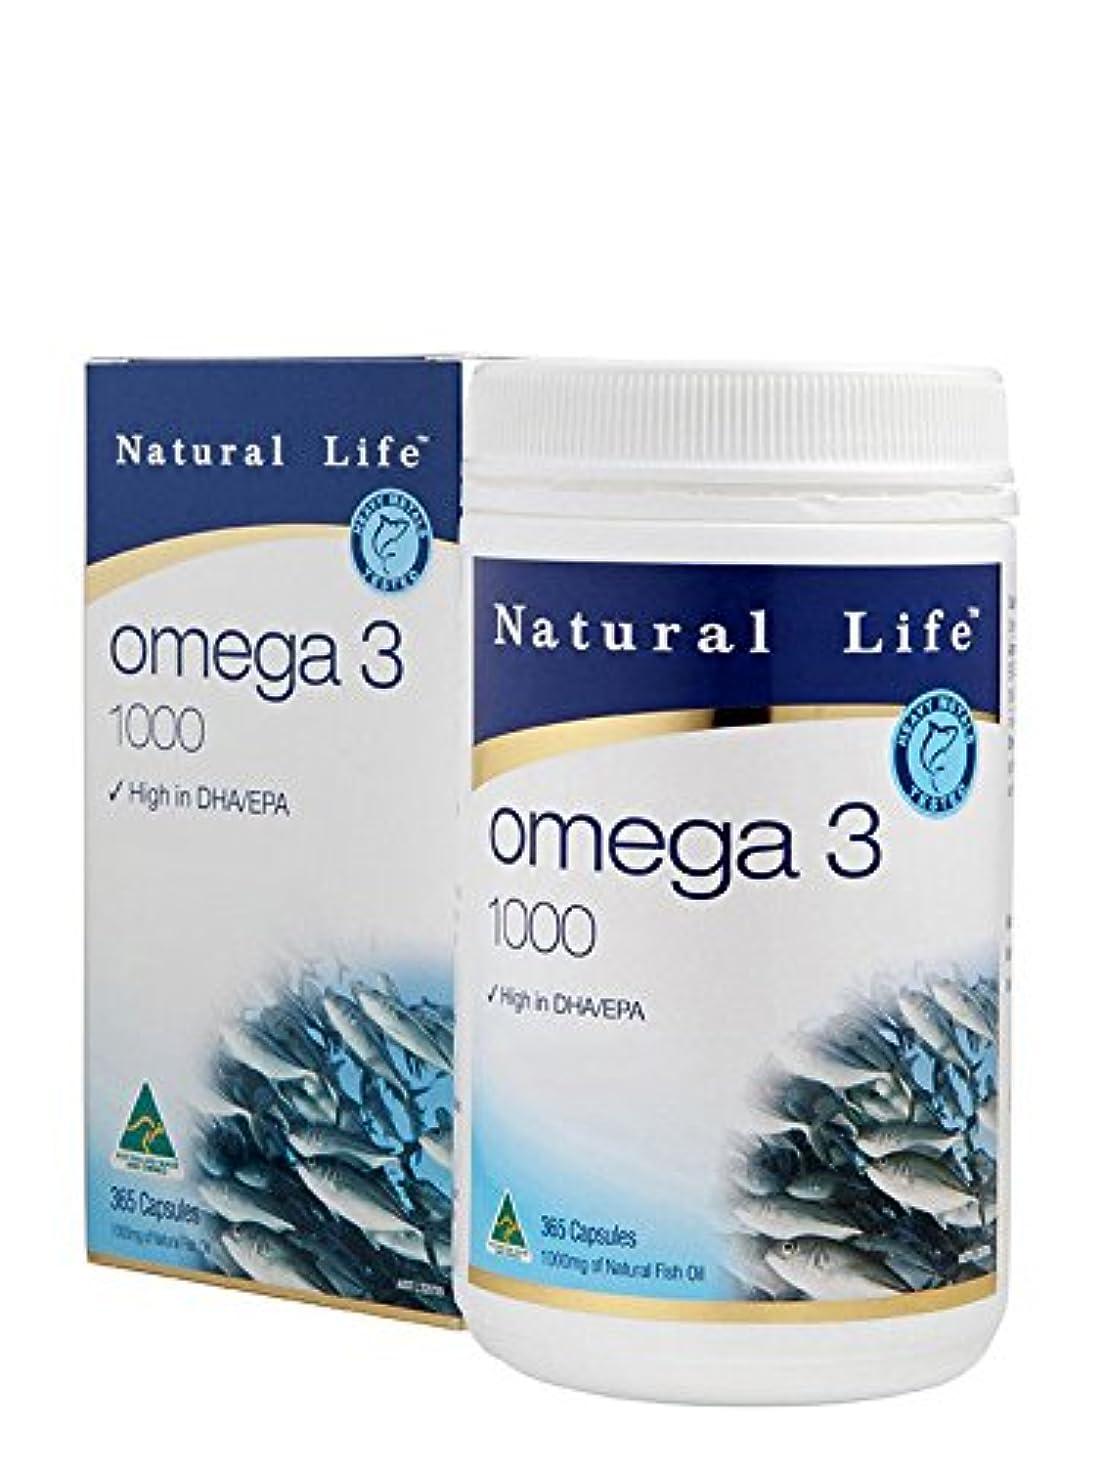 無視する溝脱獄オメガ3 1000mg 大容量365粒 国内正規品 EPA180mg+DHA120mg ナチュラルライフ